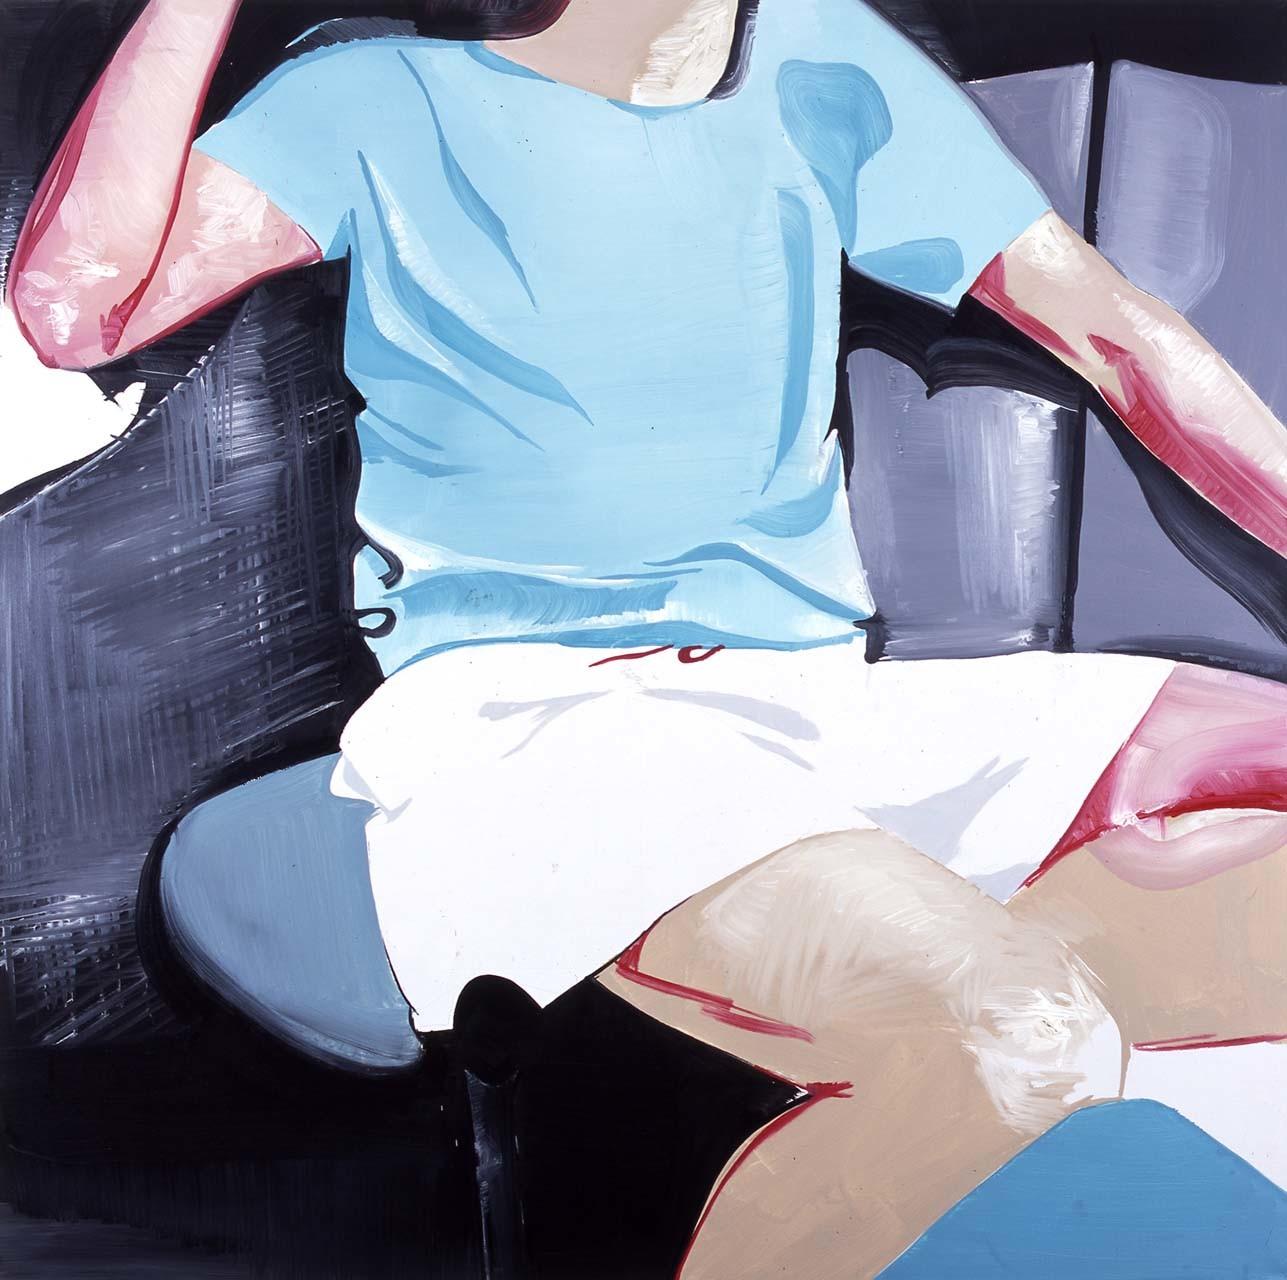 """<div class=""""artwork_caption""""><p>Passenger, 2006</p></div>"""